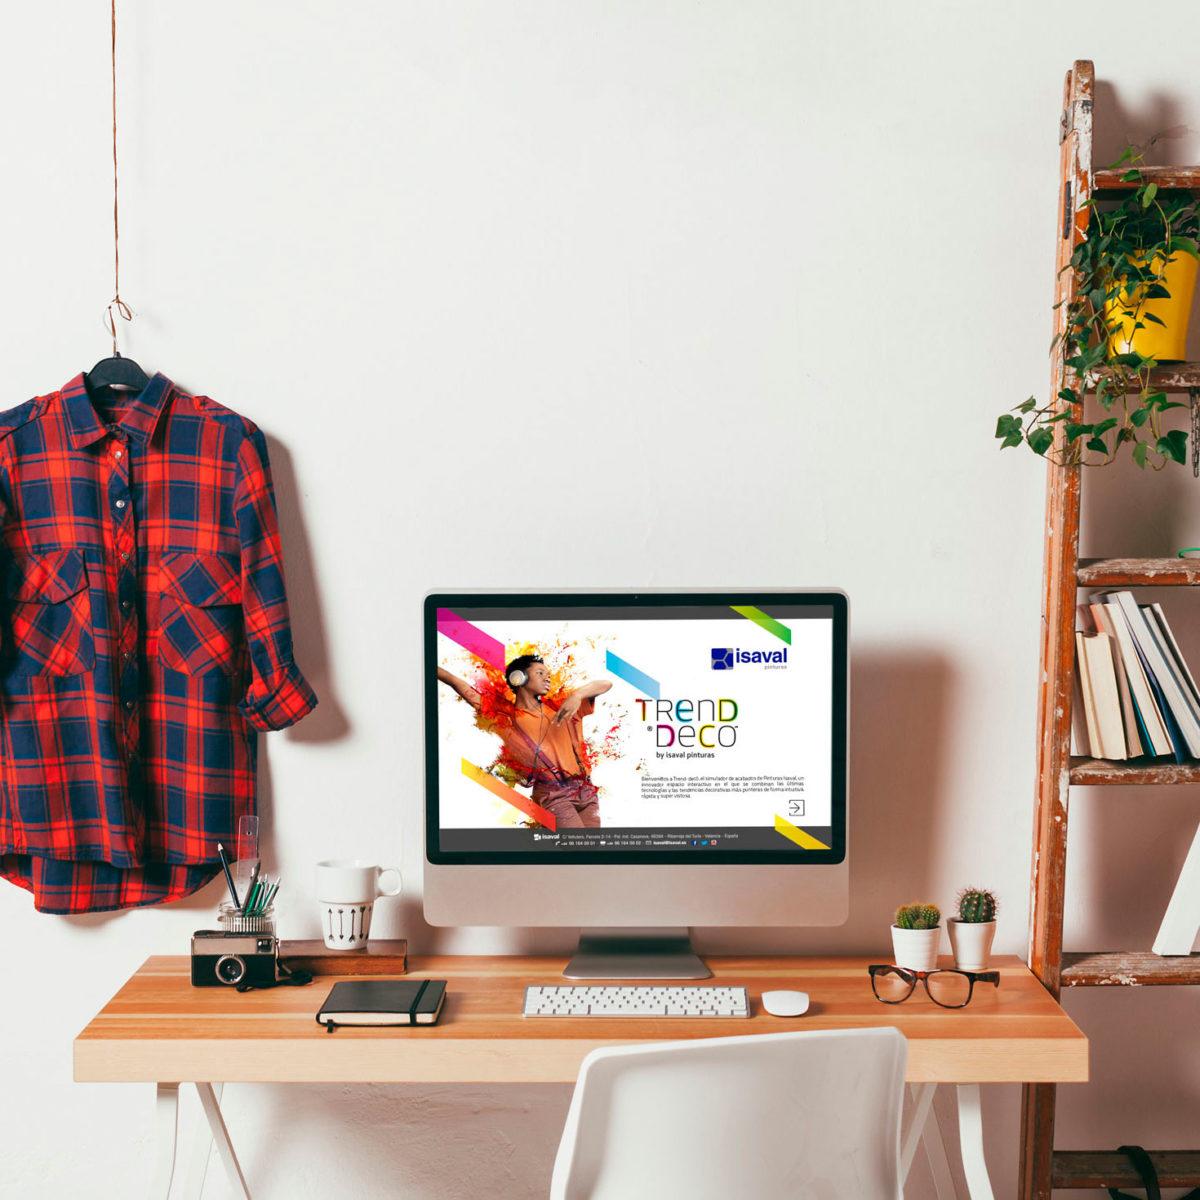 Trenddeco simulador pintura y colores tendencia pinturas isaval